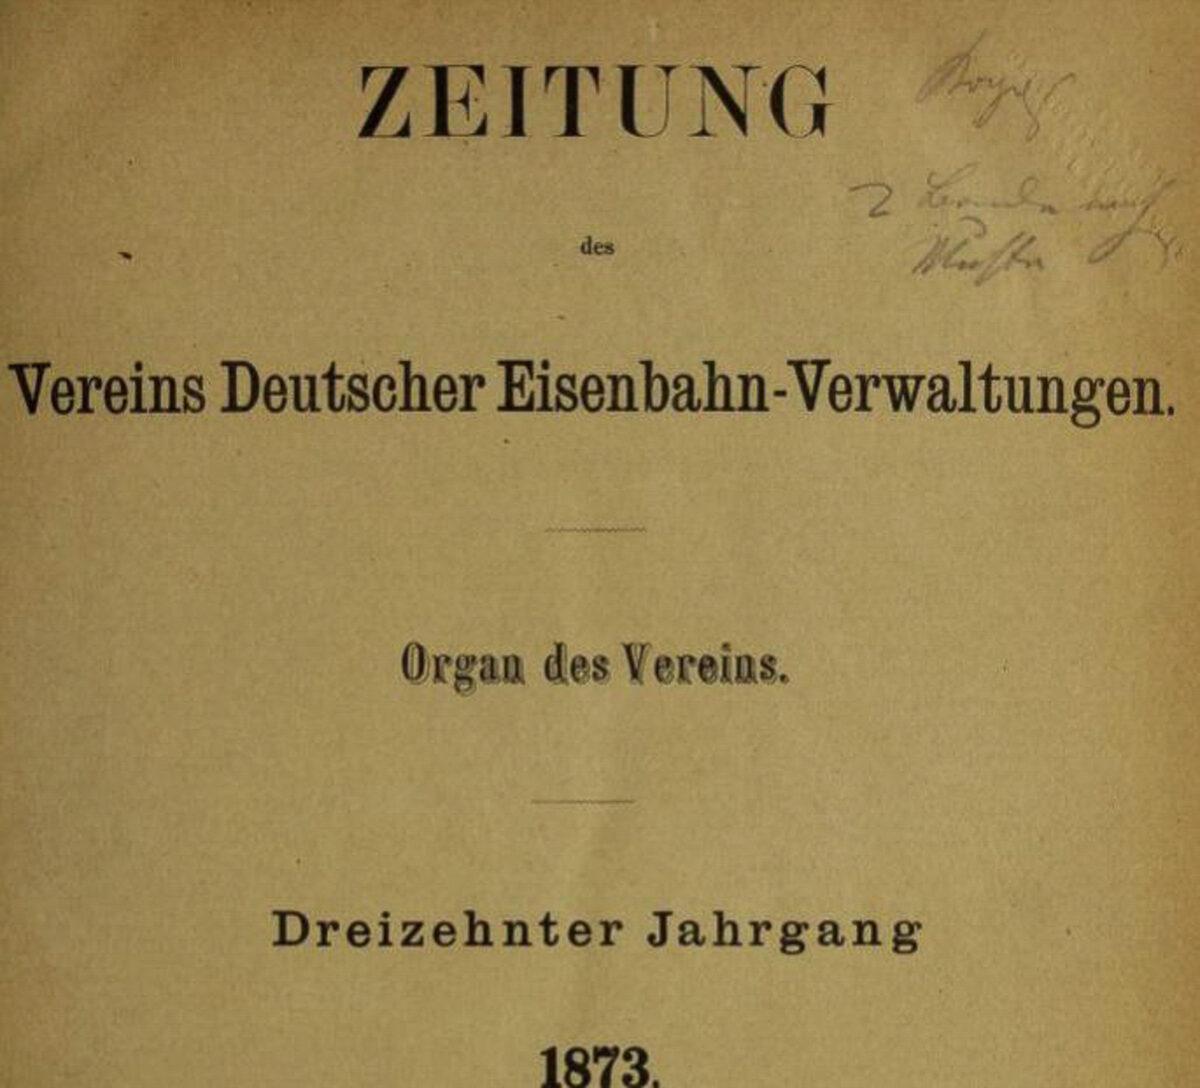 Zeitung des Vereins Deutscher Eisenbahn Verwaltungen 16.01.1873 A / 20200308183425